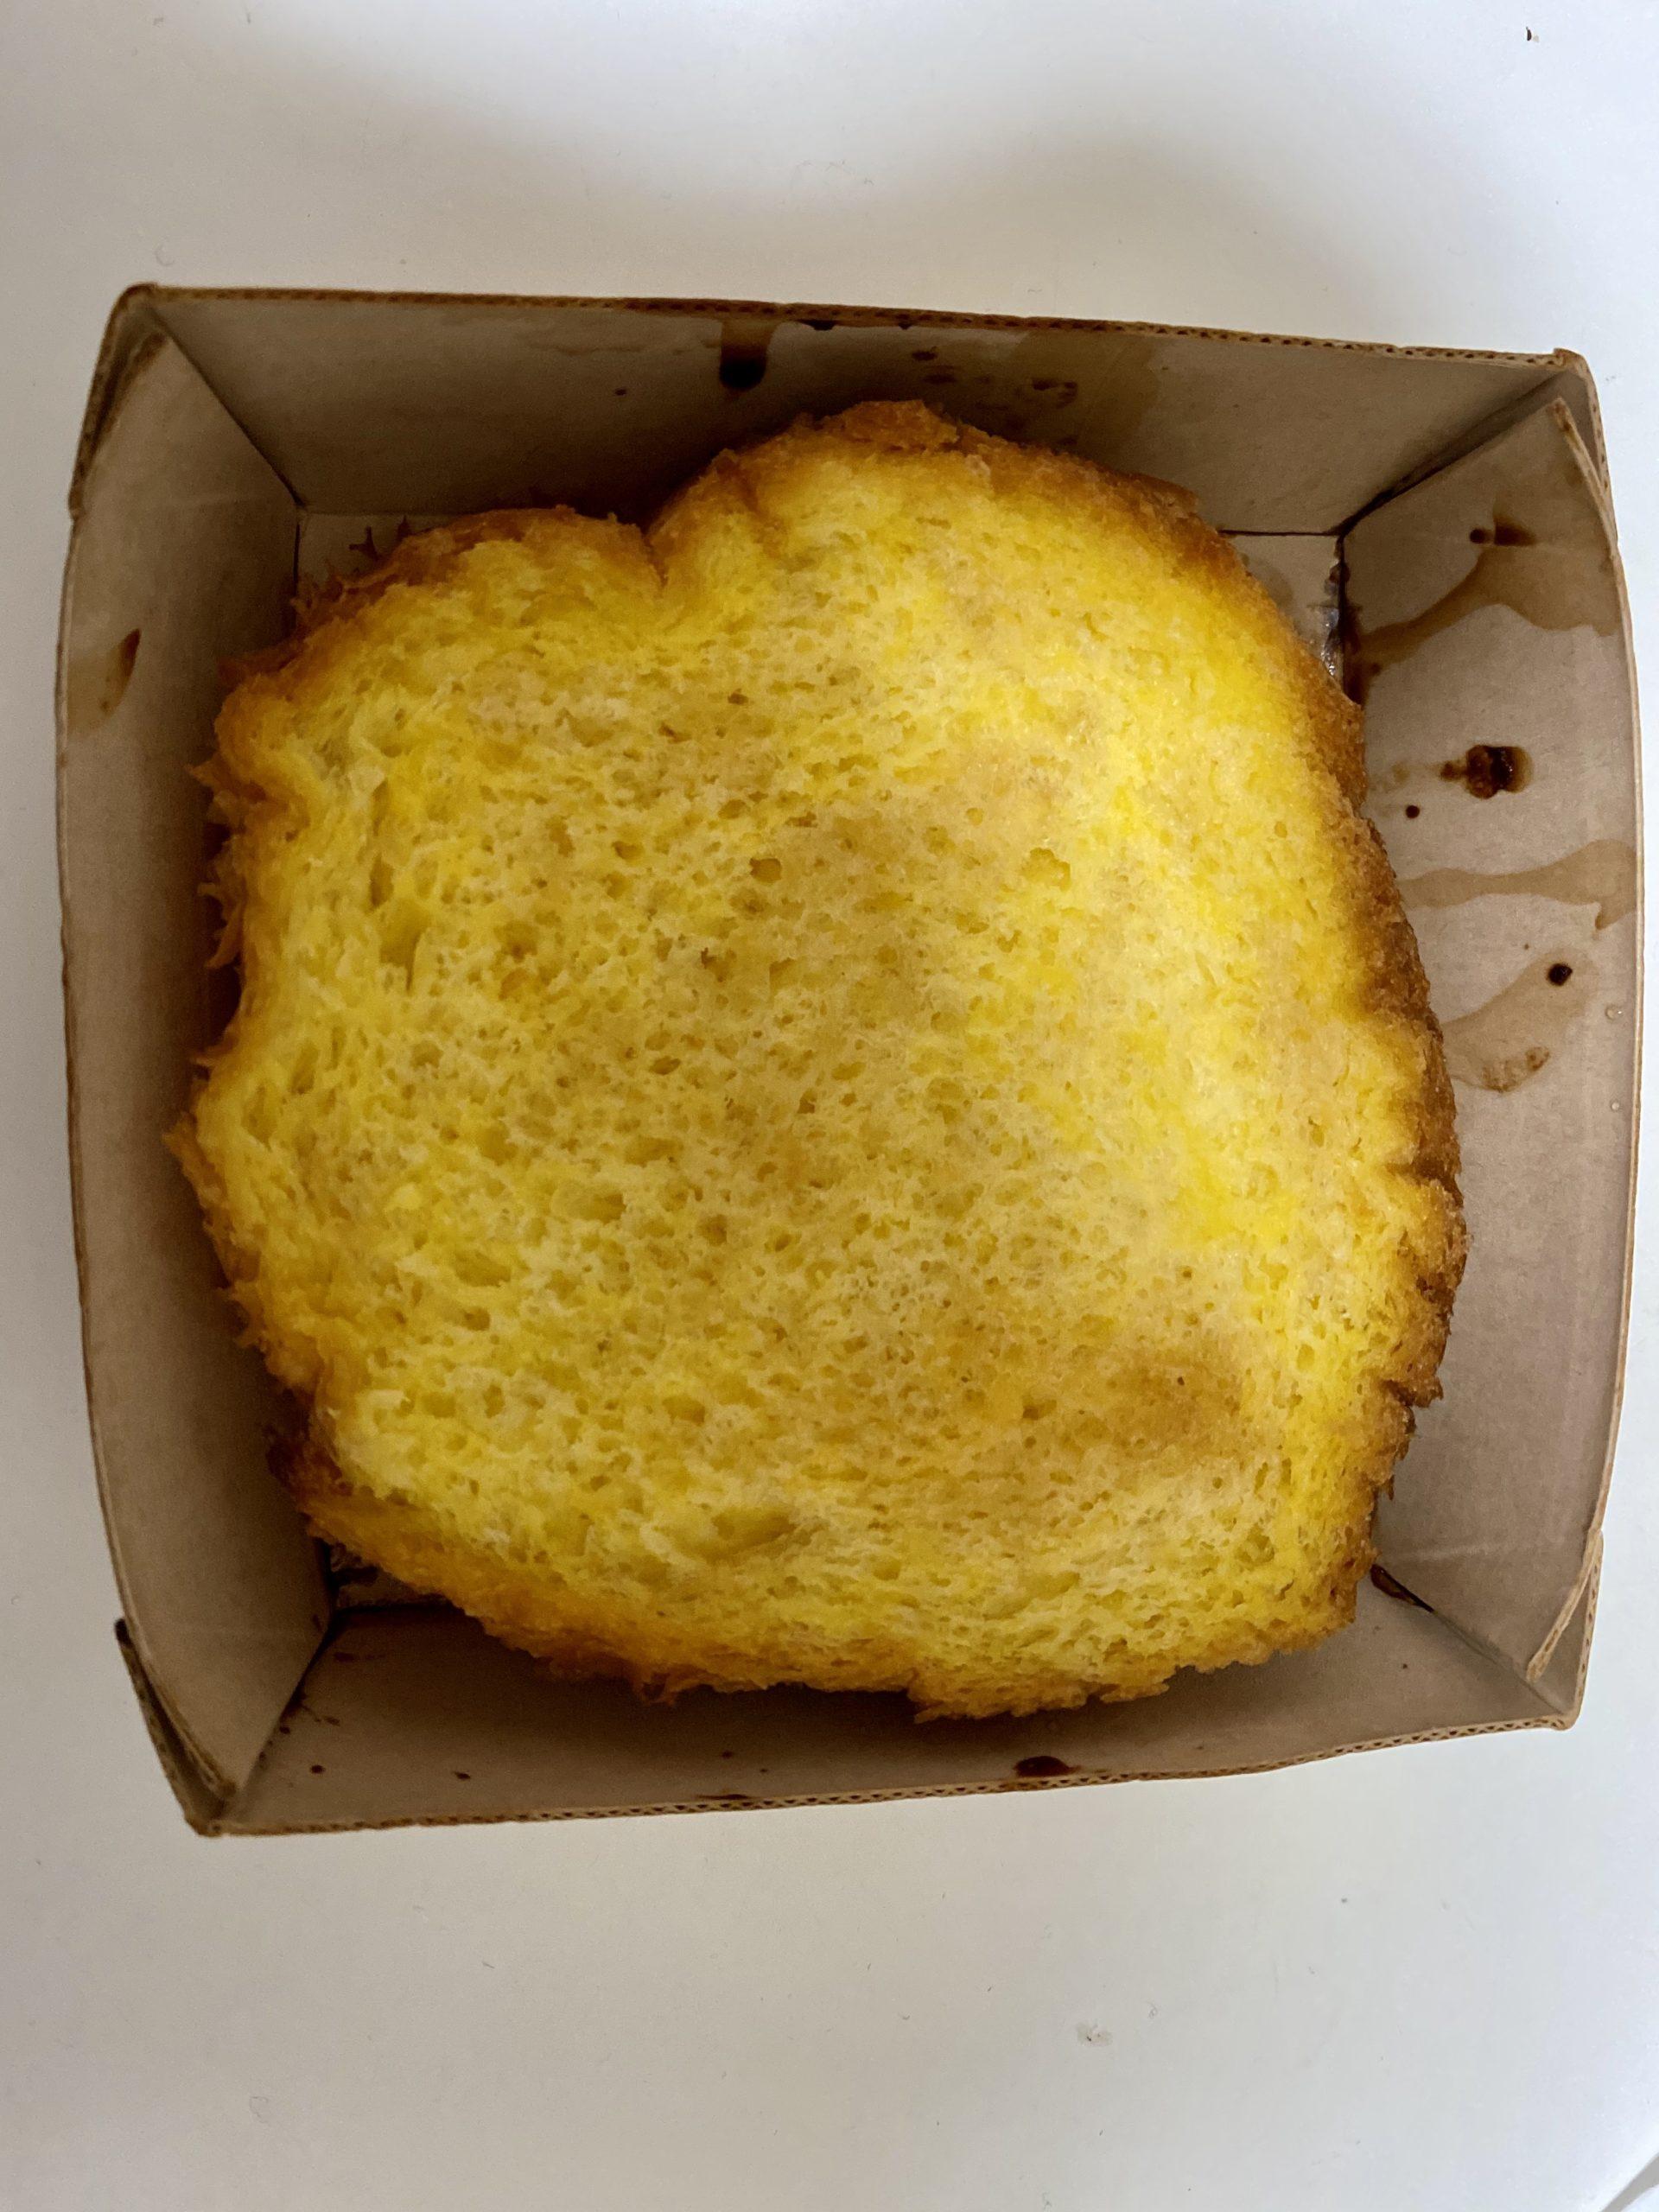 ふわふわ、とろとろの厚切りフレンチトースト開封